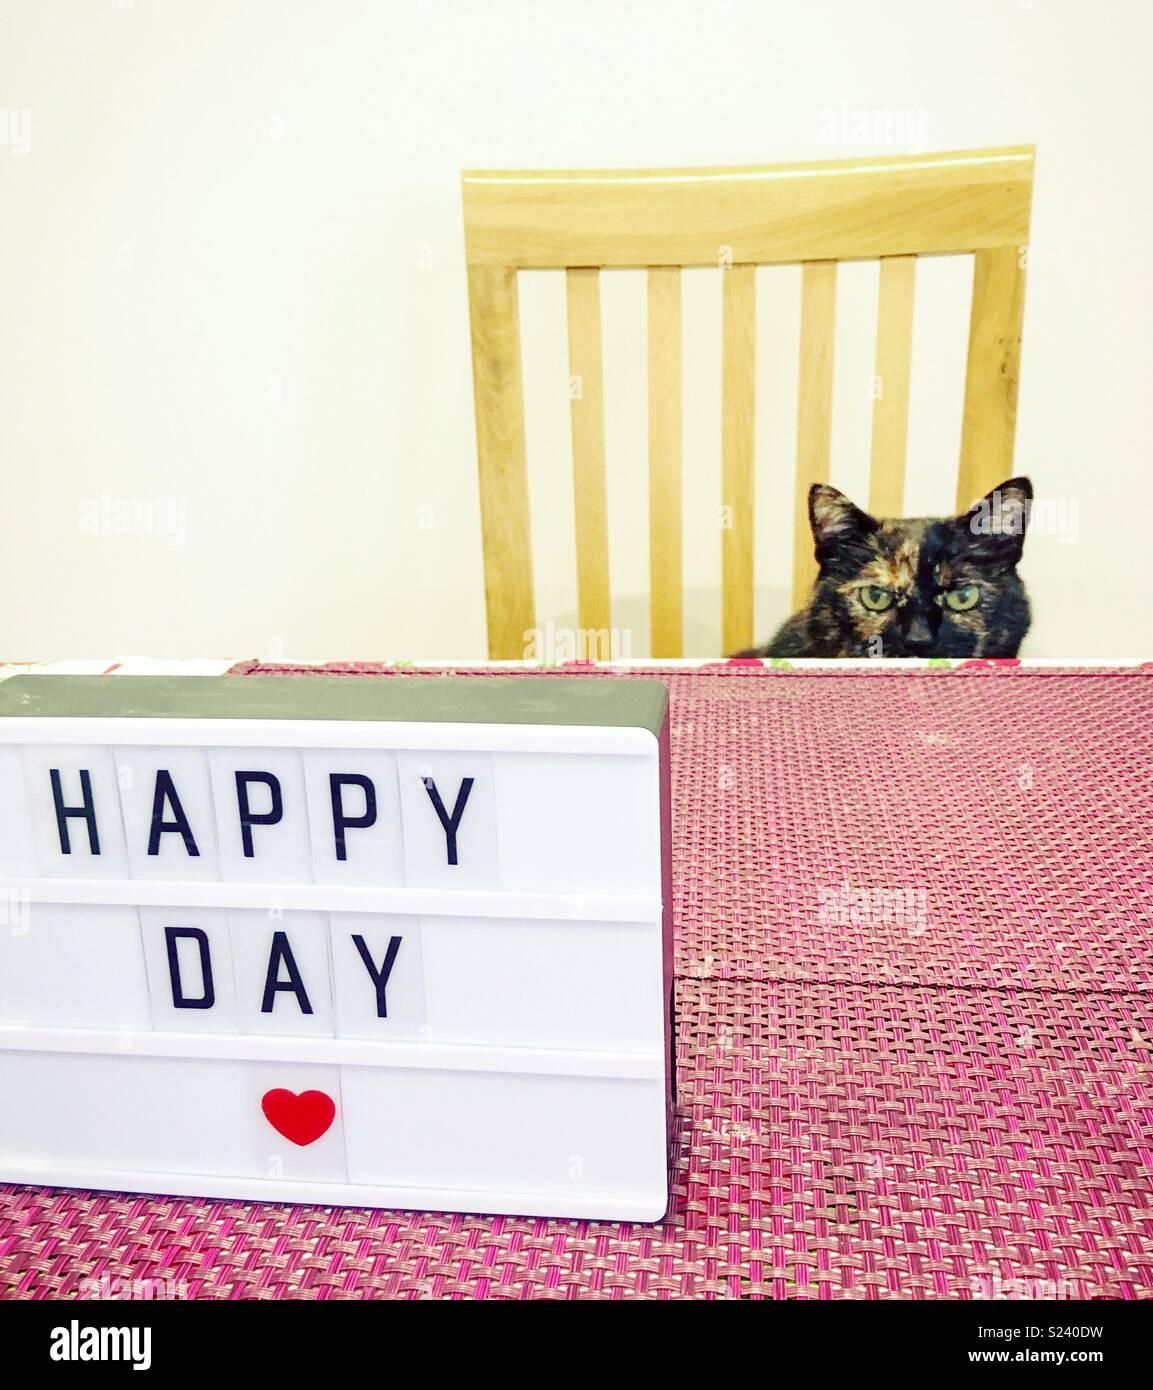 Dia feliz! Imagens de Stock